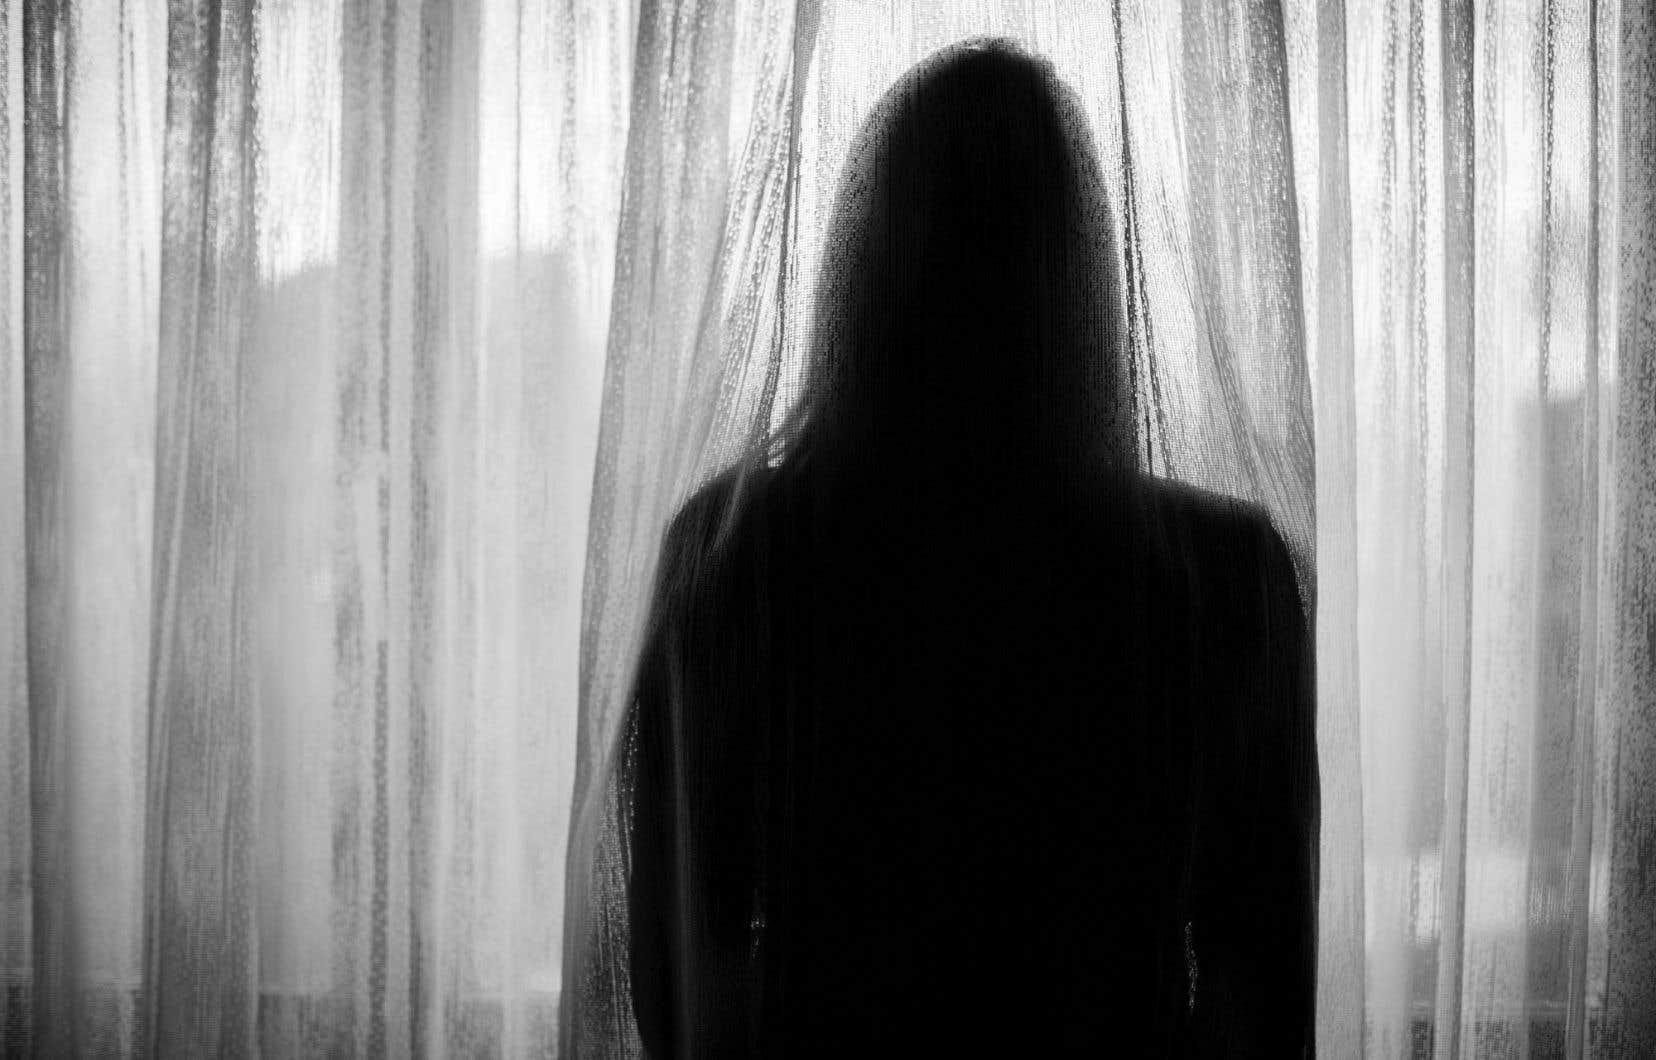 «Autopsie d'une femme plate» est une autre histoire de dérapage contrôlé après «Le syndrome de la vis» dans lequel Marie-Renée Lavoie mettait en scène une enseignante de cégep insomniaque.